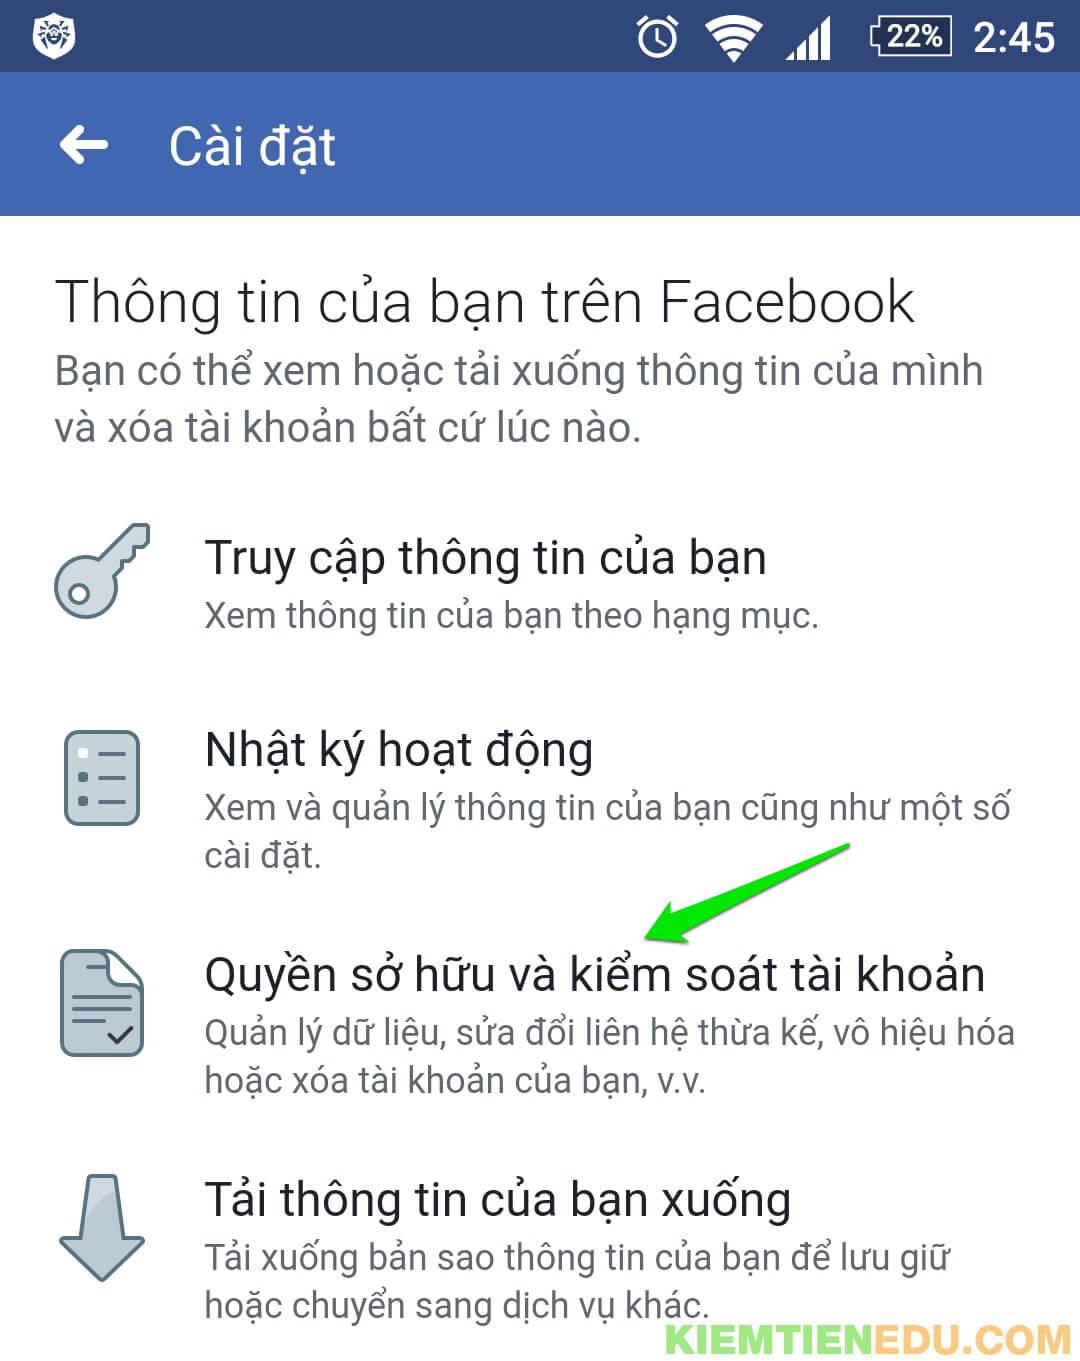 Xóa tài khoản Facebook vĩnh viễn trên điện thoại